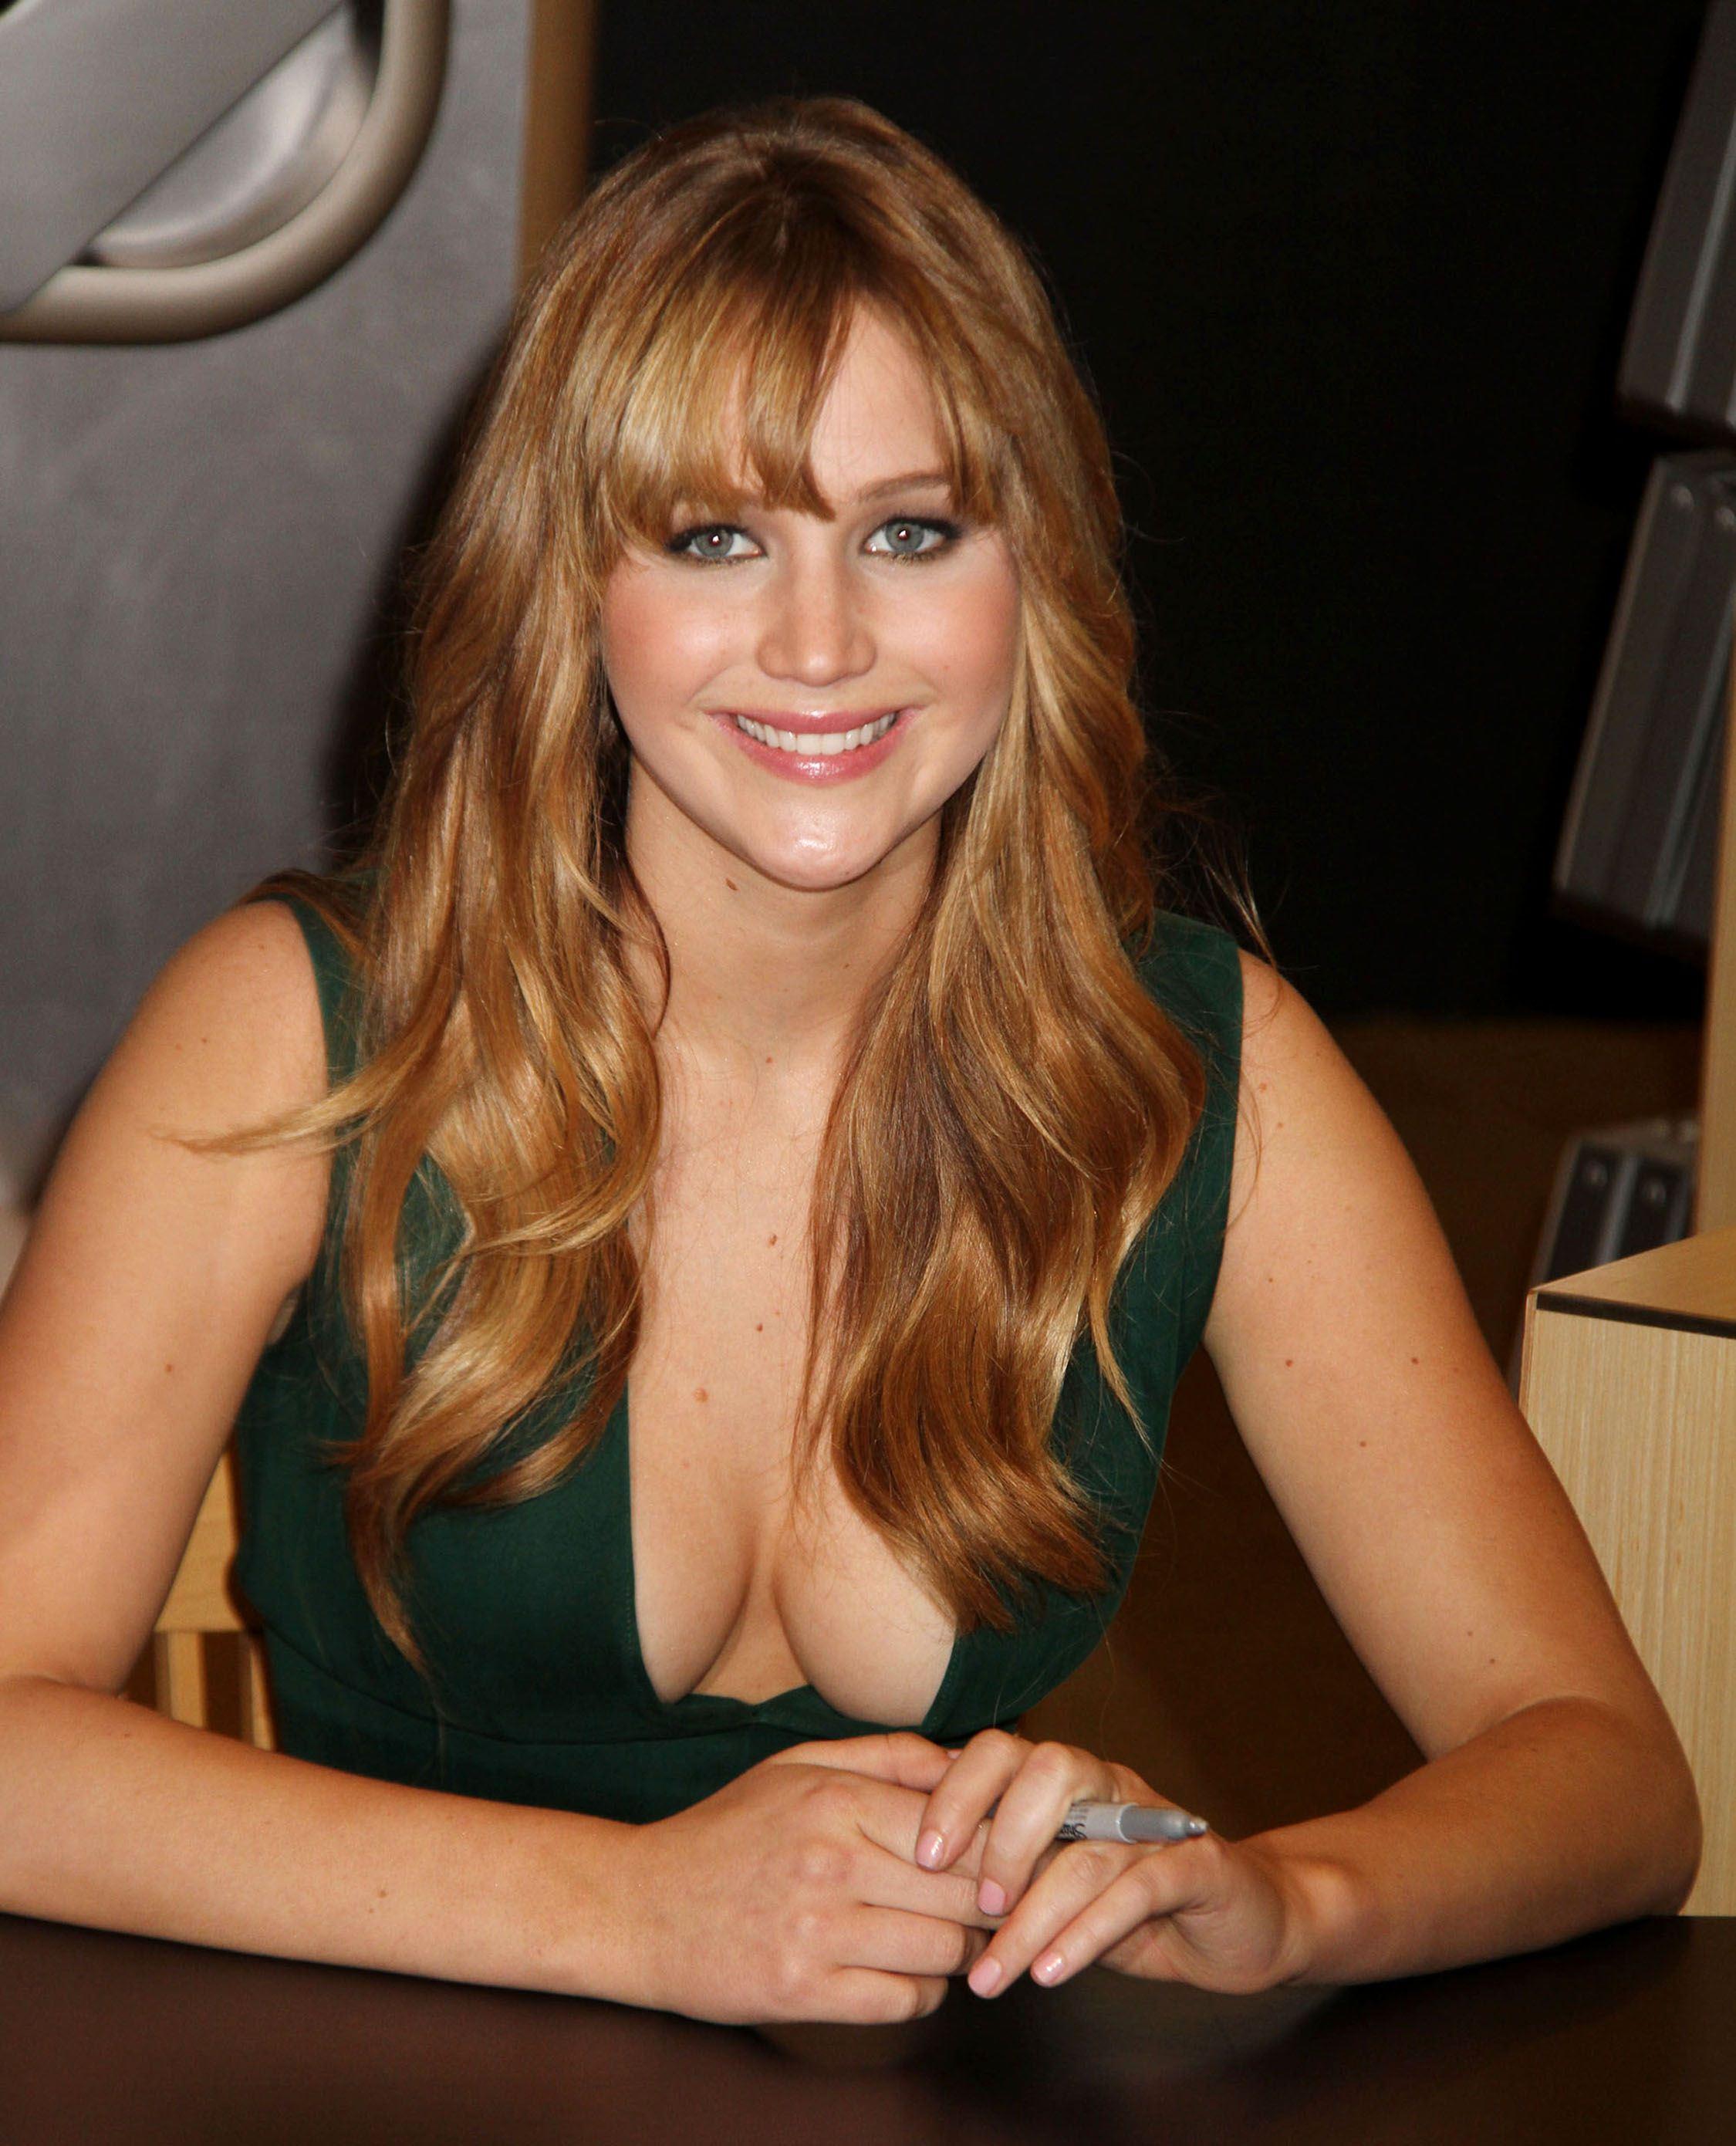 Le Tette Di Jennifer Lawrence